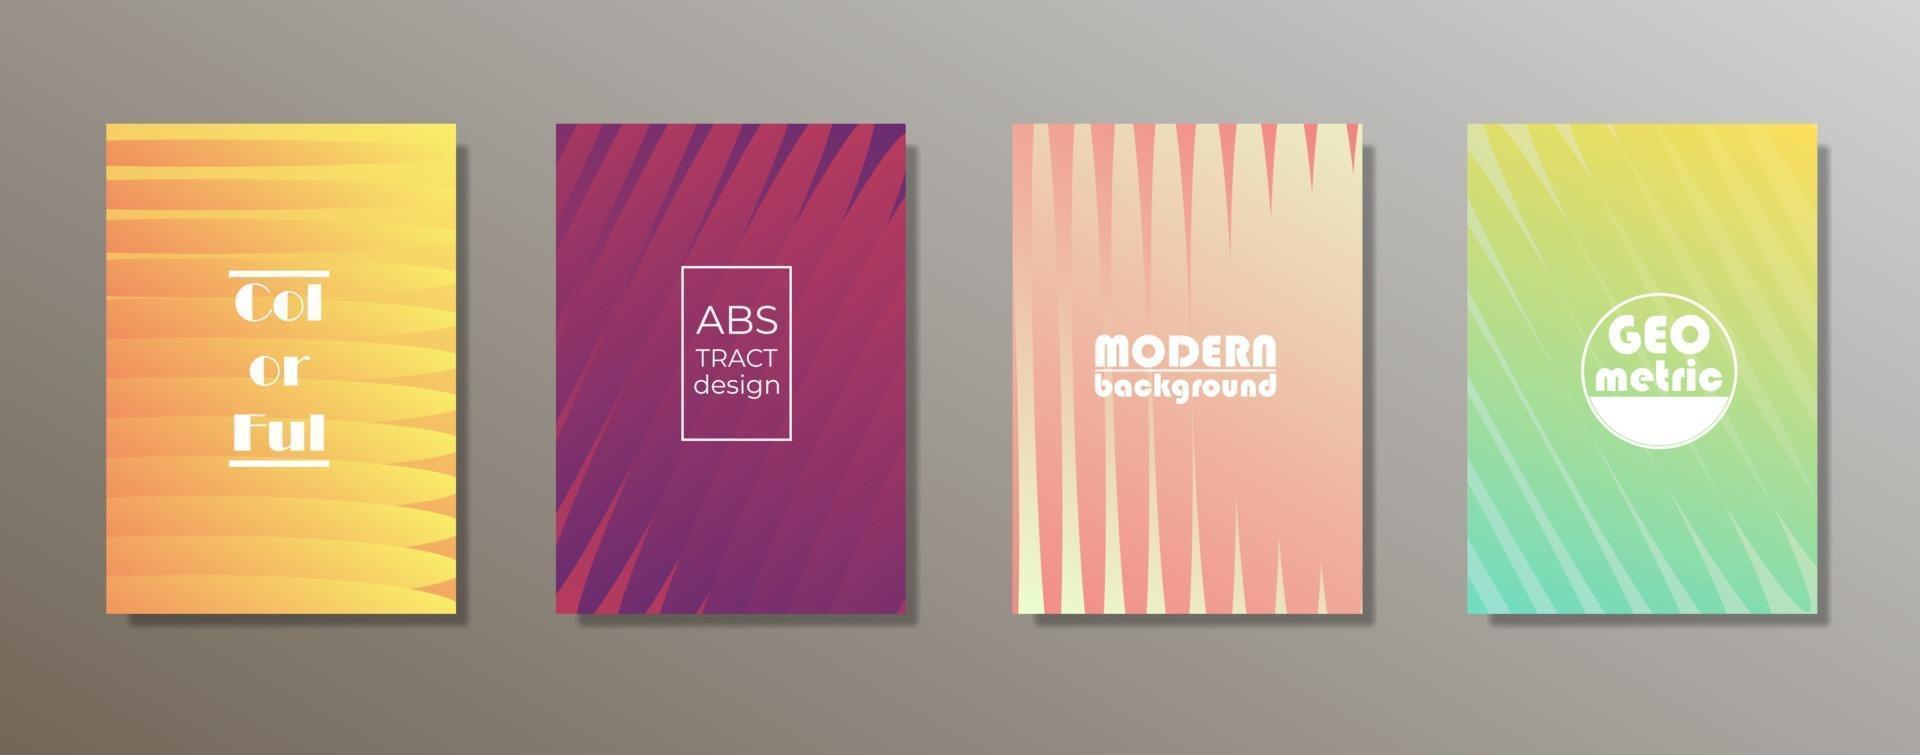 färgglad minimalistisk omslagsdesign. minimala geometriska mönsterlutningar vektor